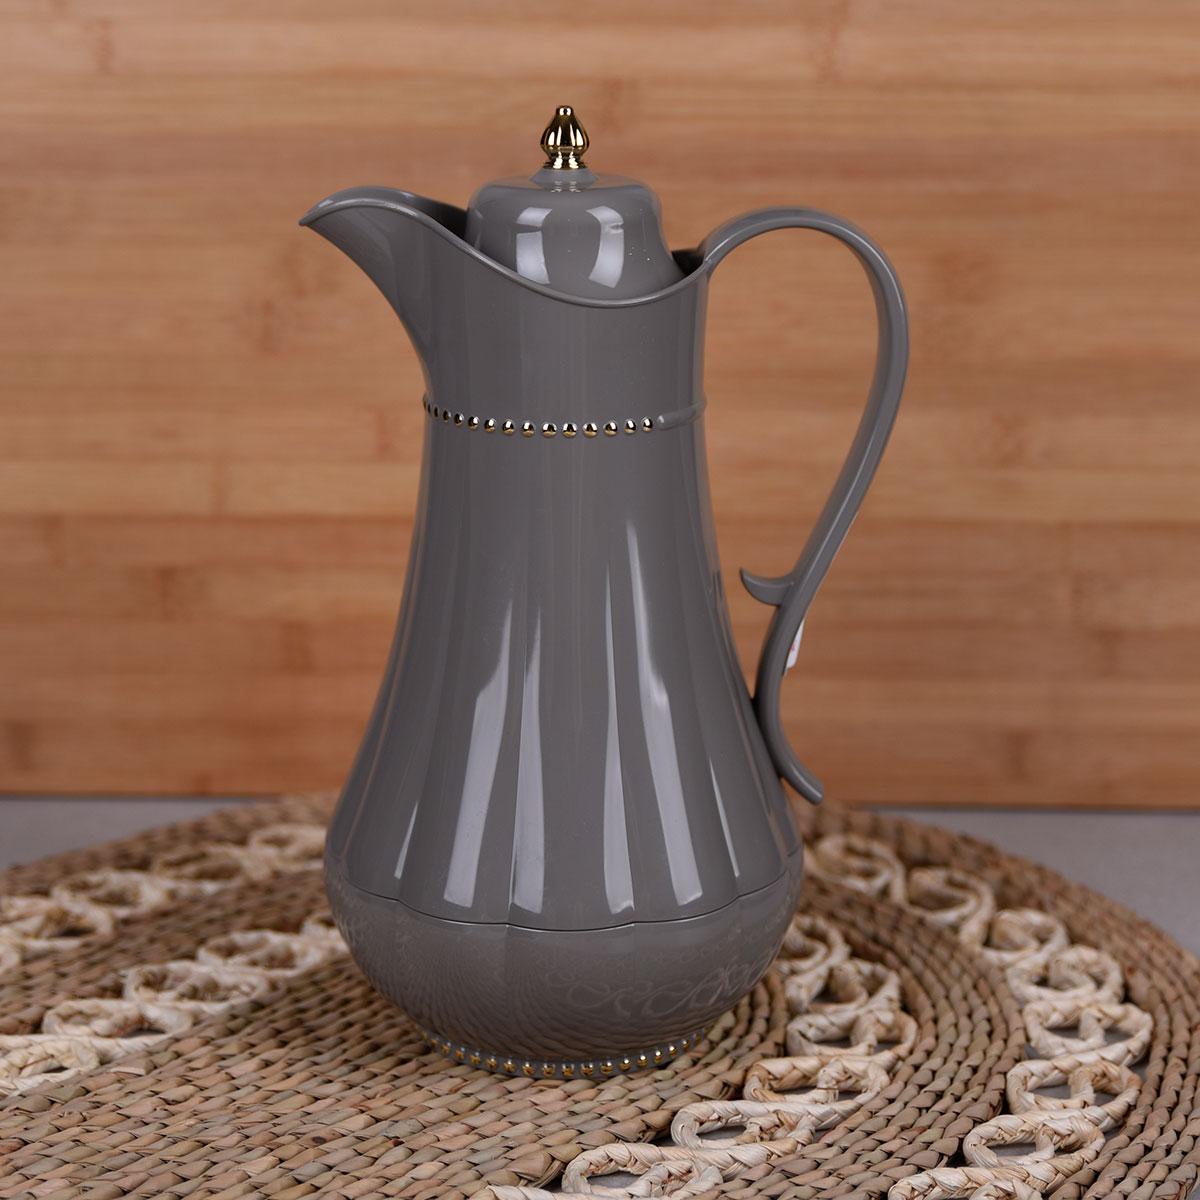 ترمس شاي وقهوة , فلورا , مقاس 1.0لتر , لون رمادي غامق